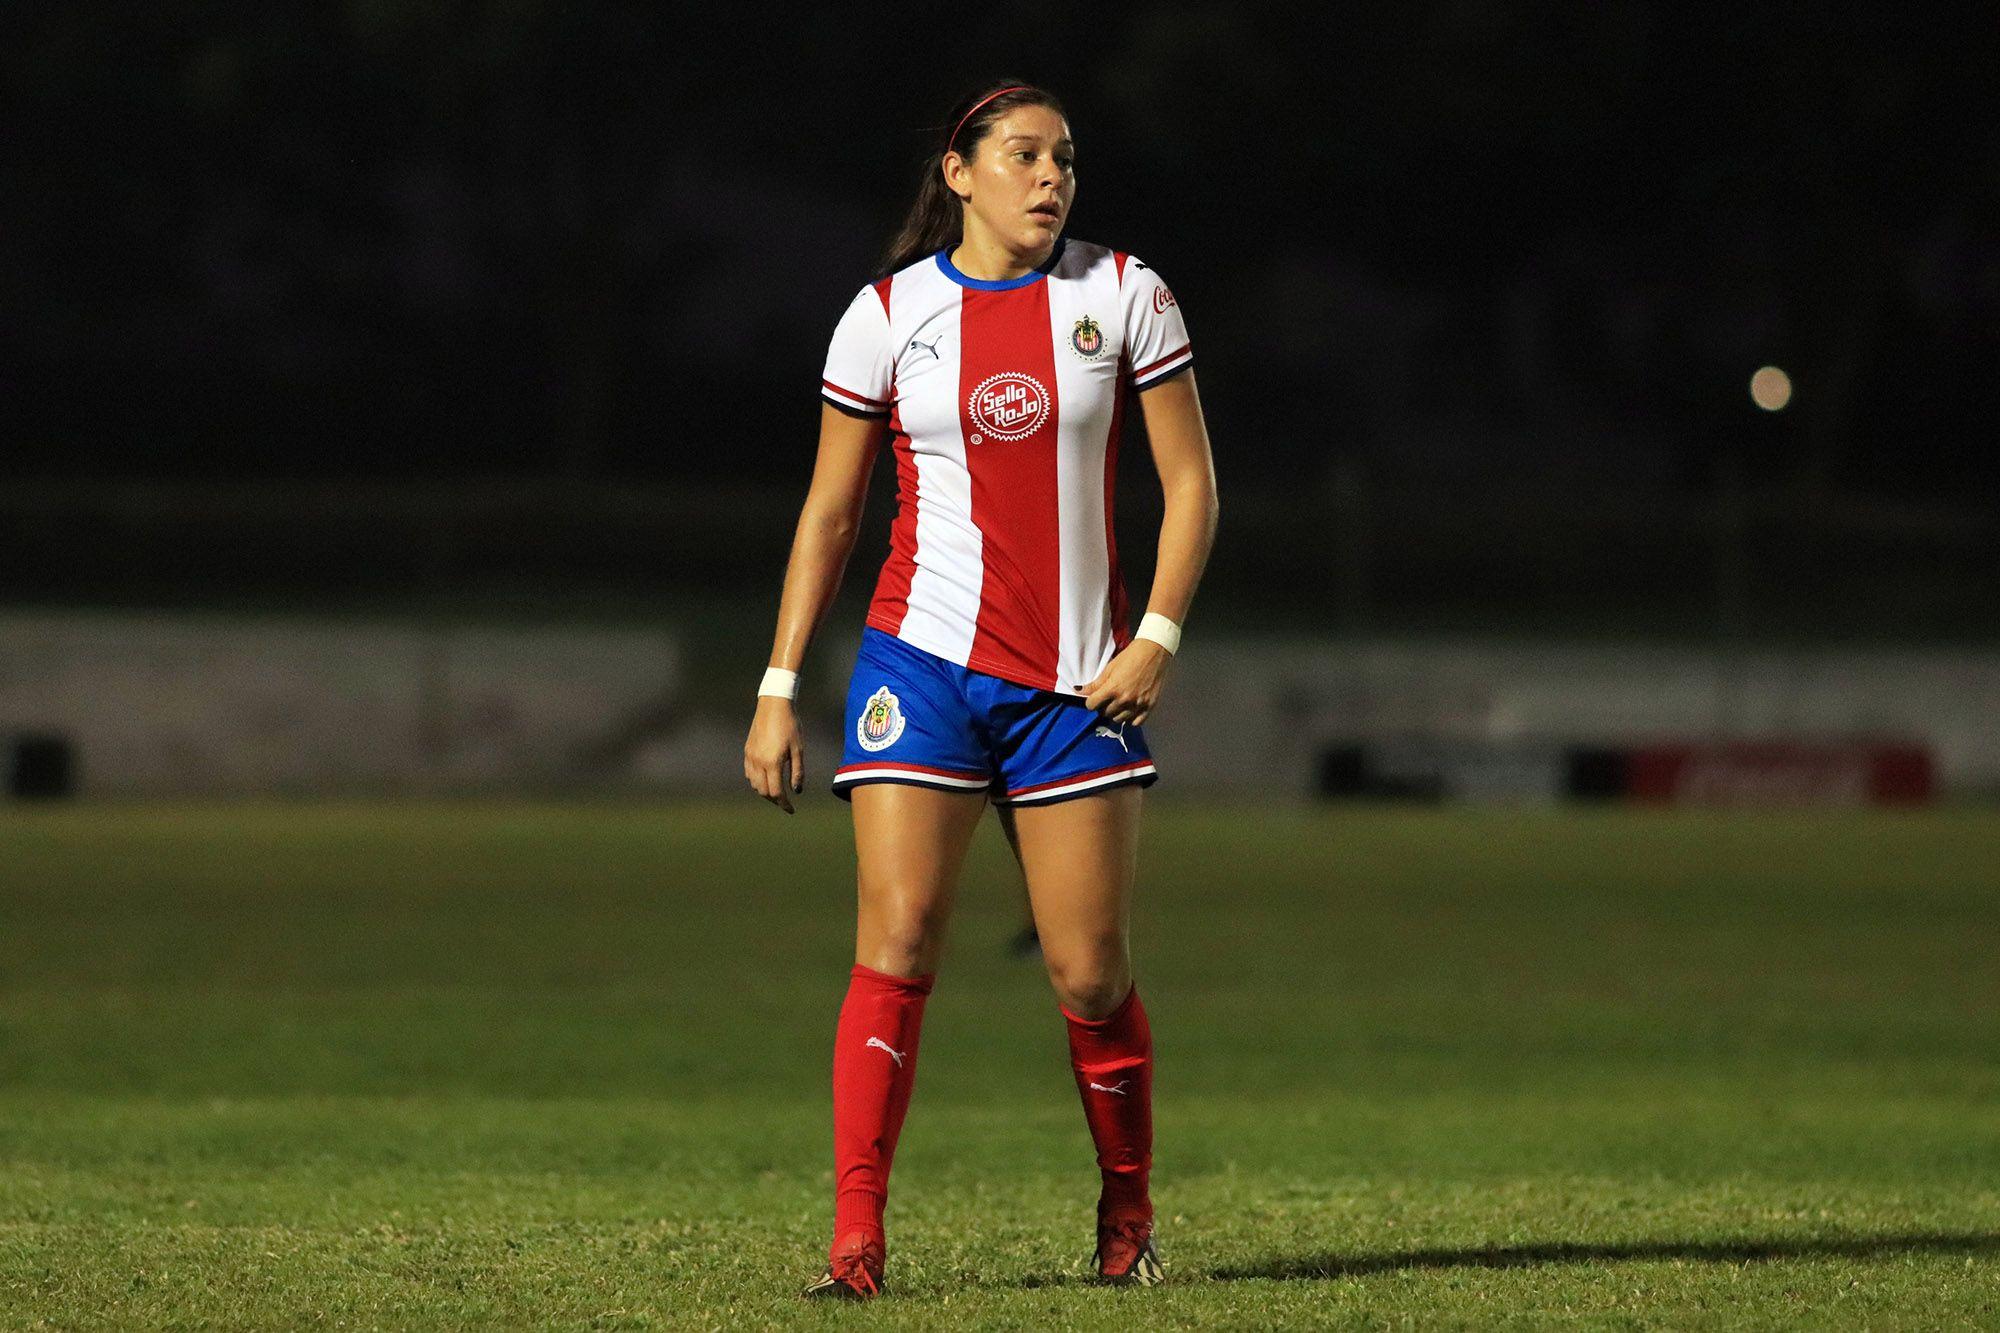 Ella es Norma Palafox la jugadora mexicana que enloquece a sus fans con sus fotos